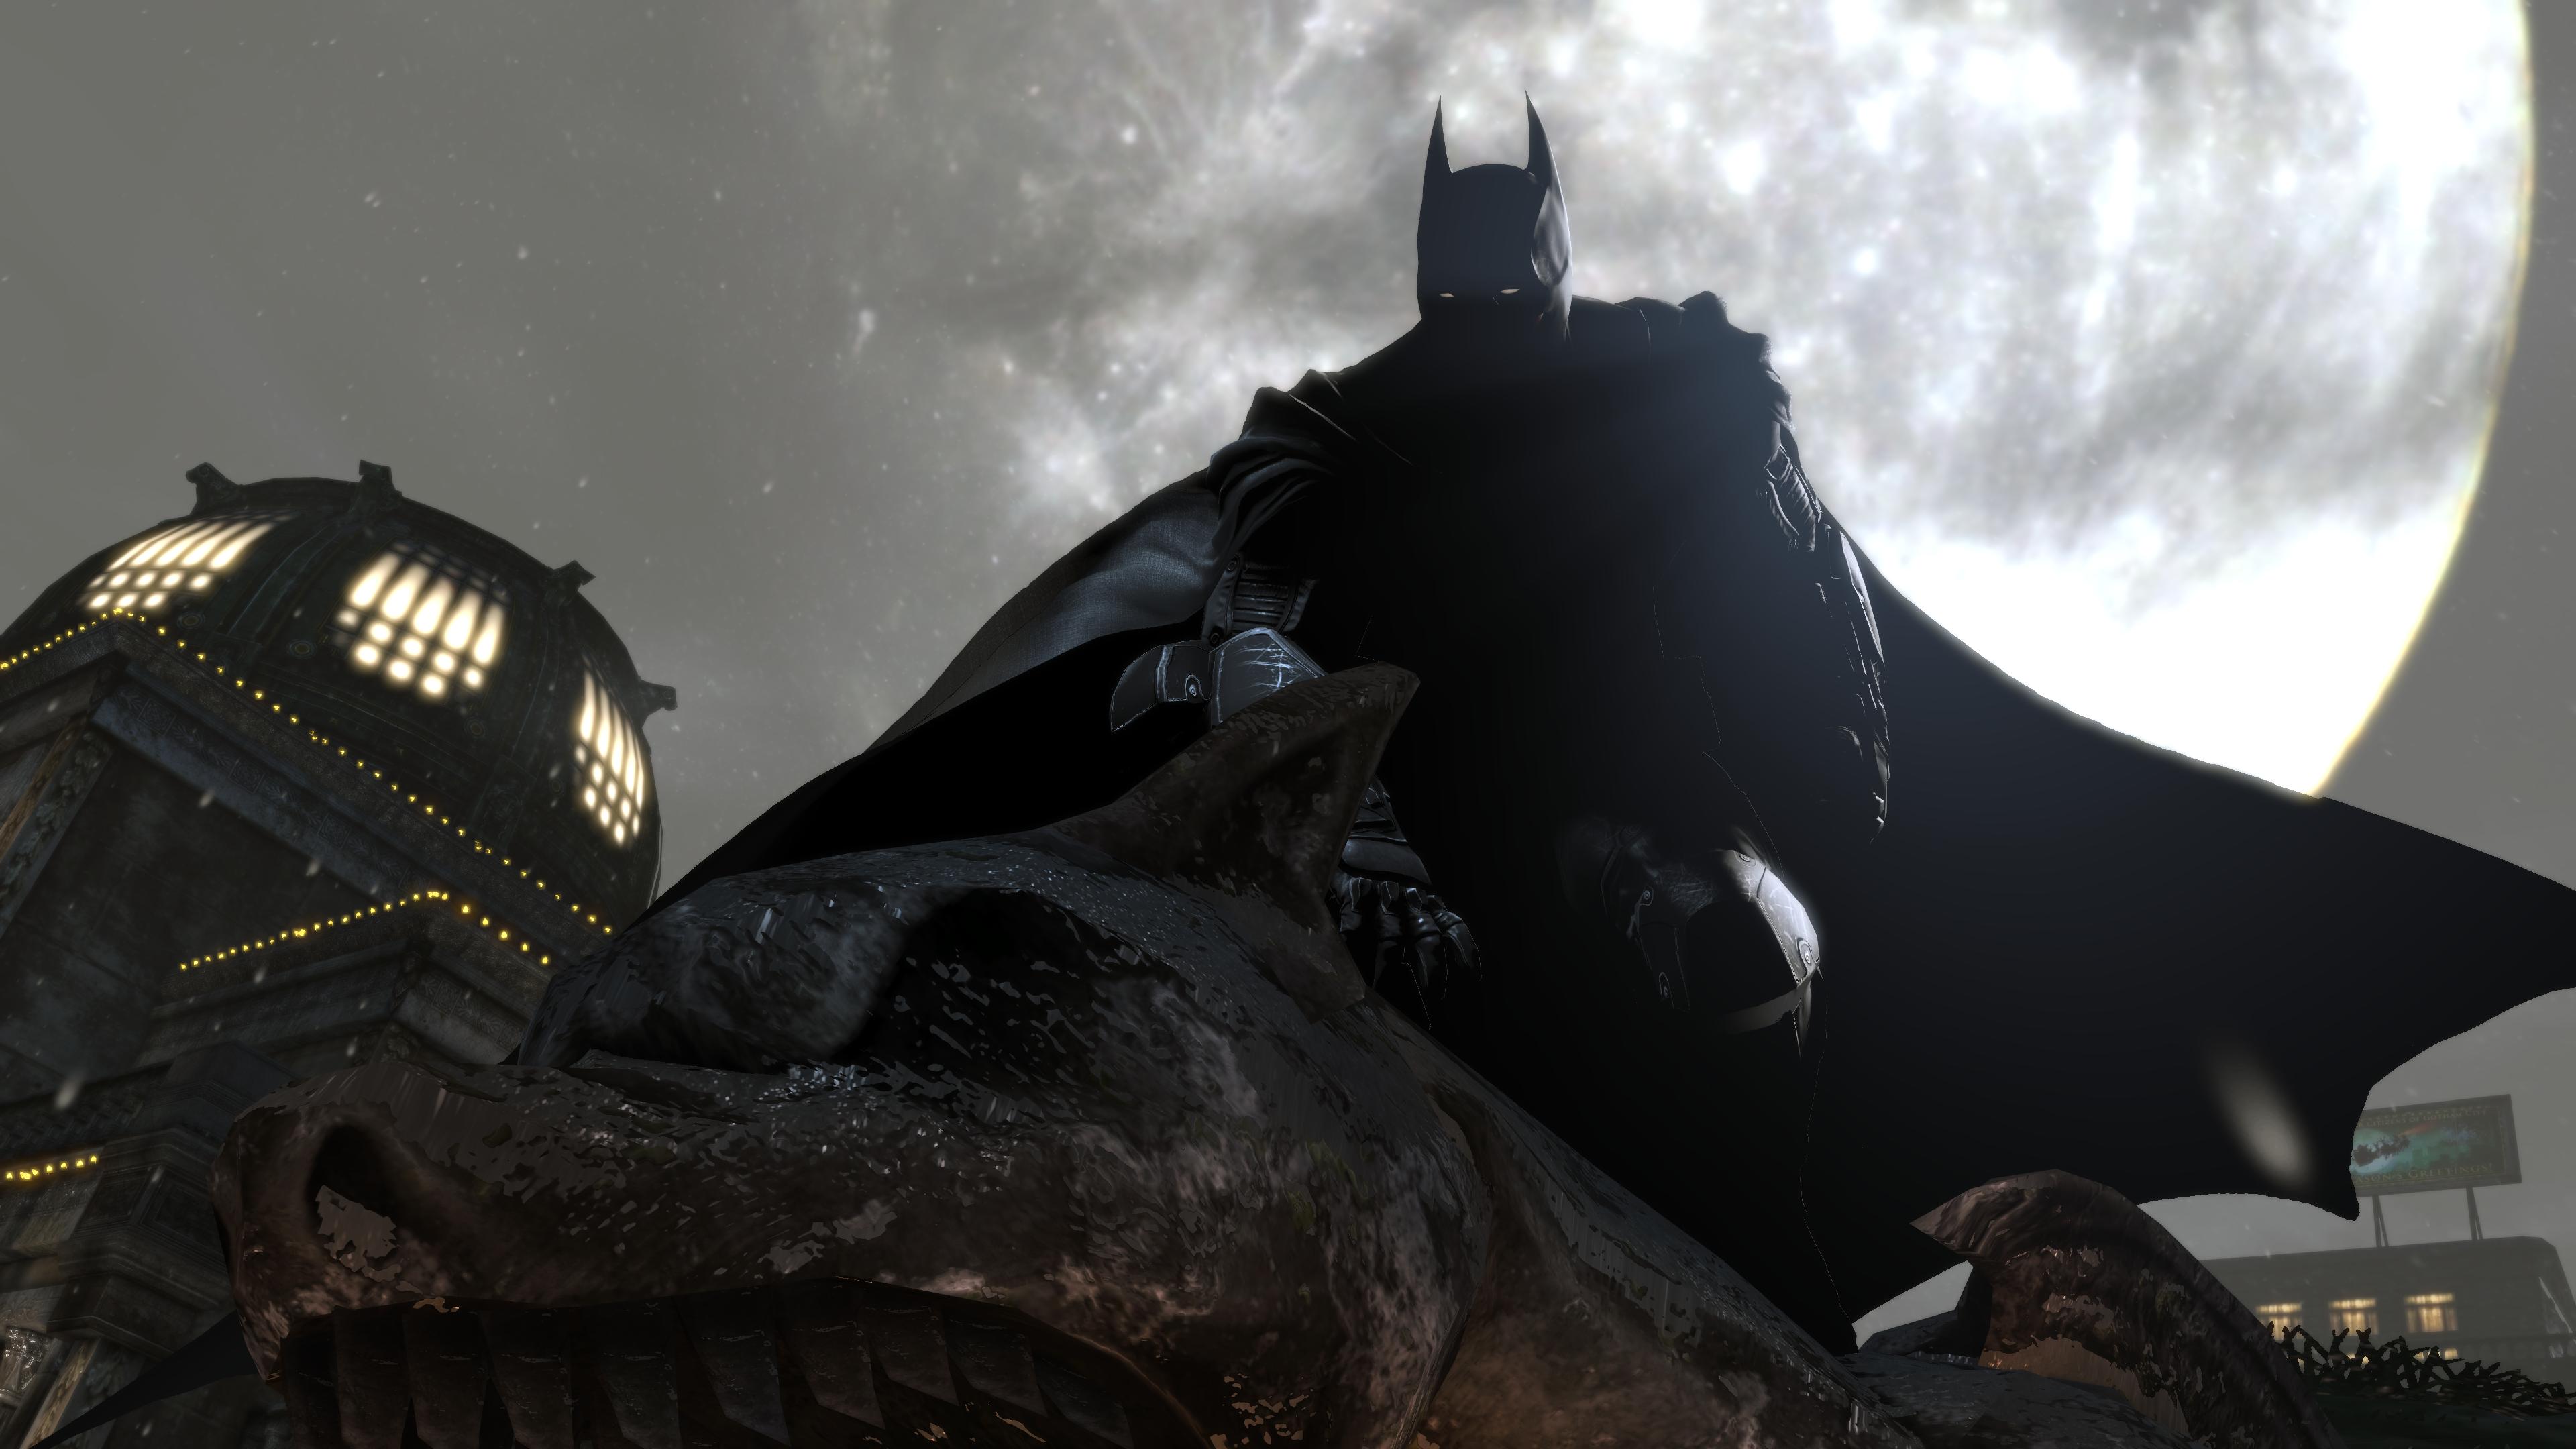 batman arkham origins wp - photo #34